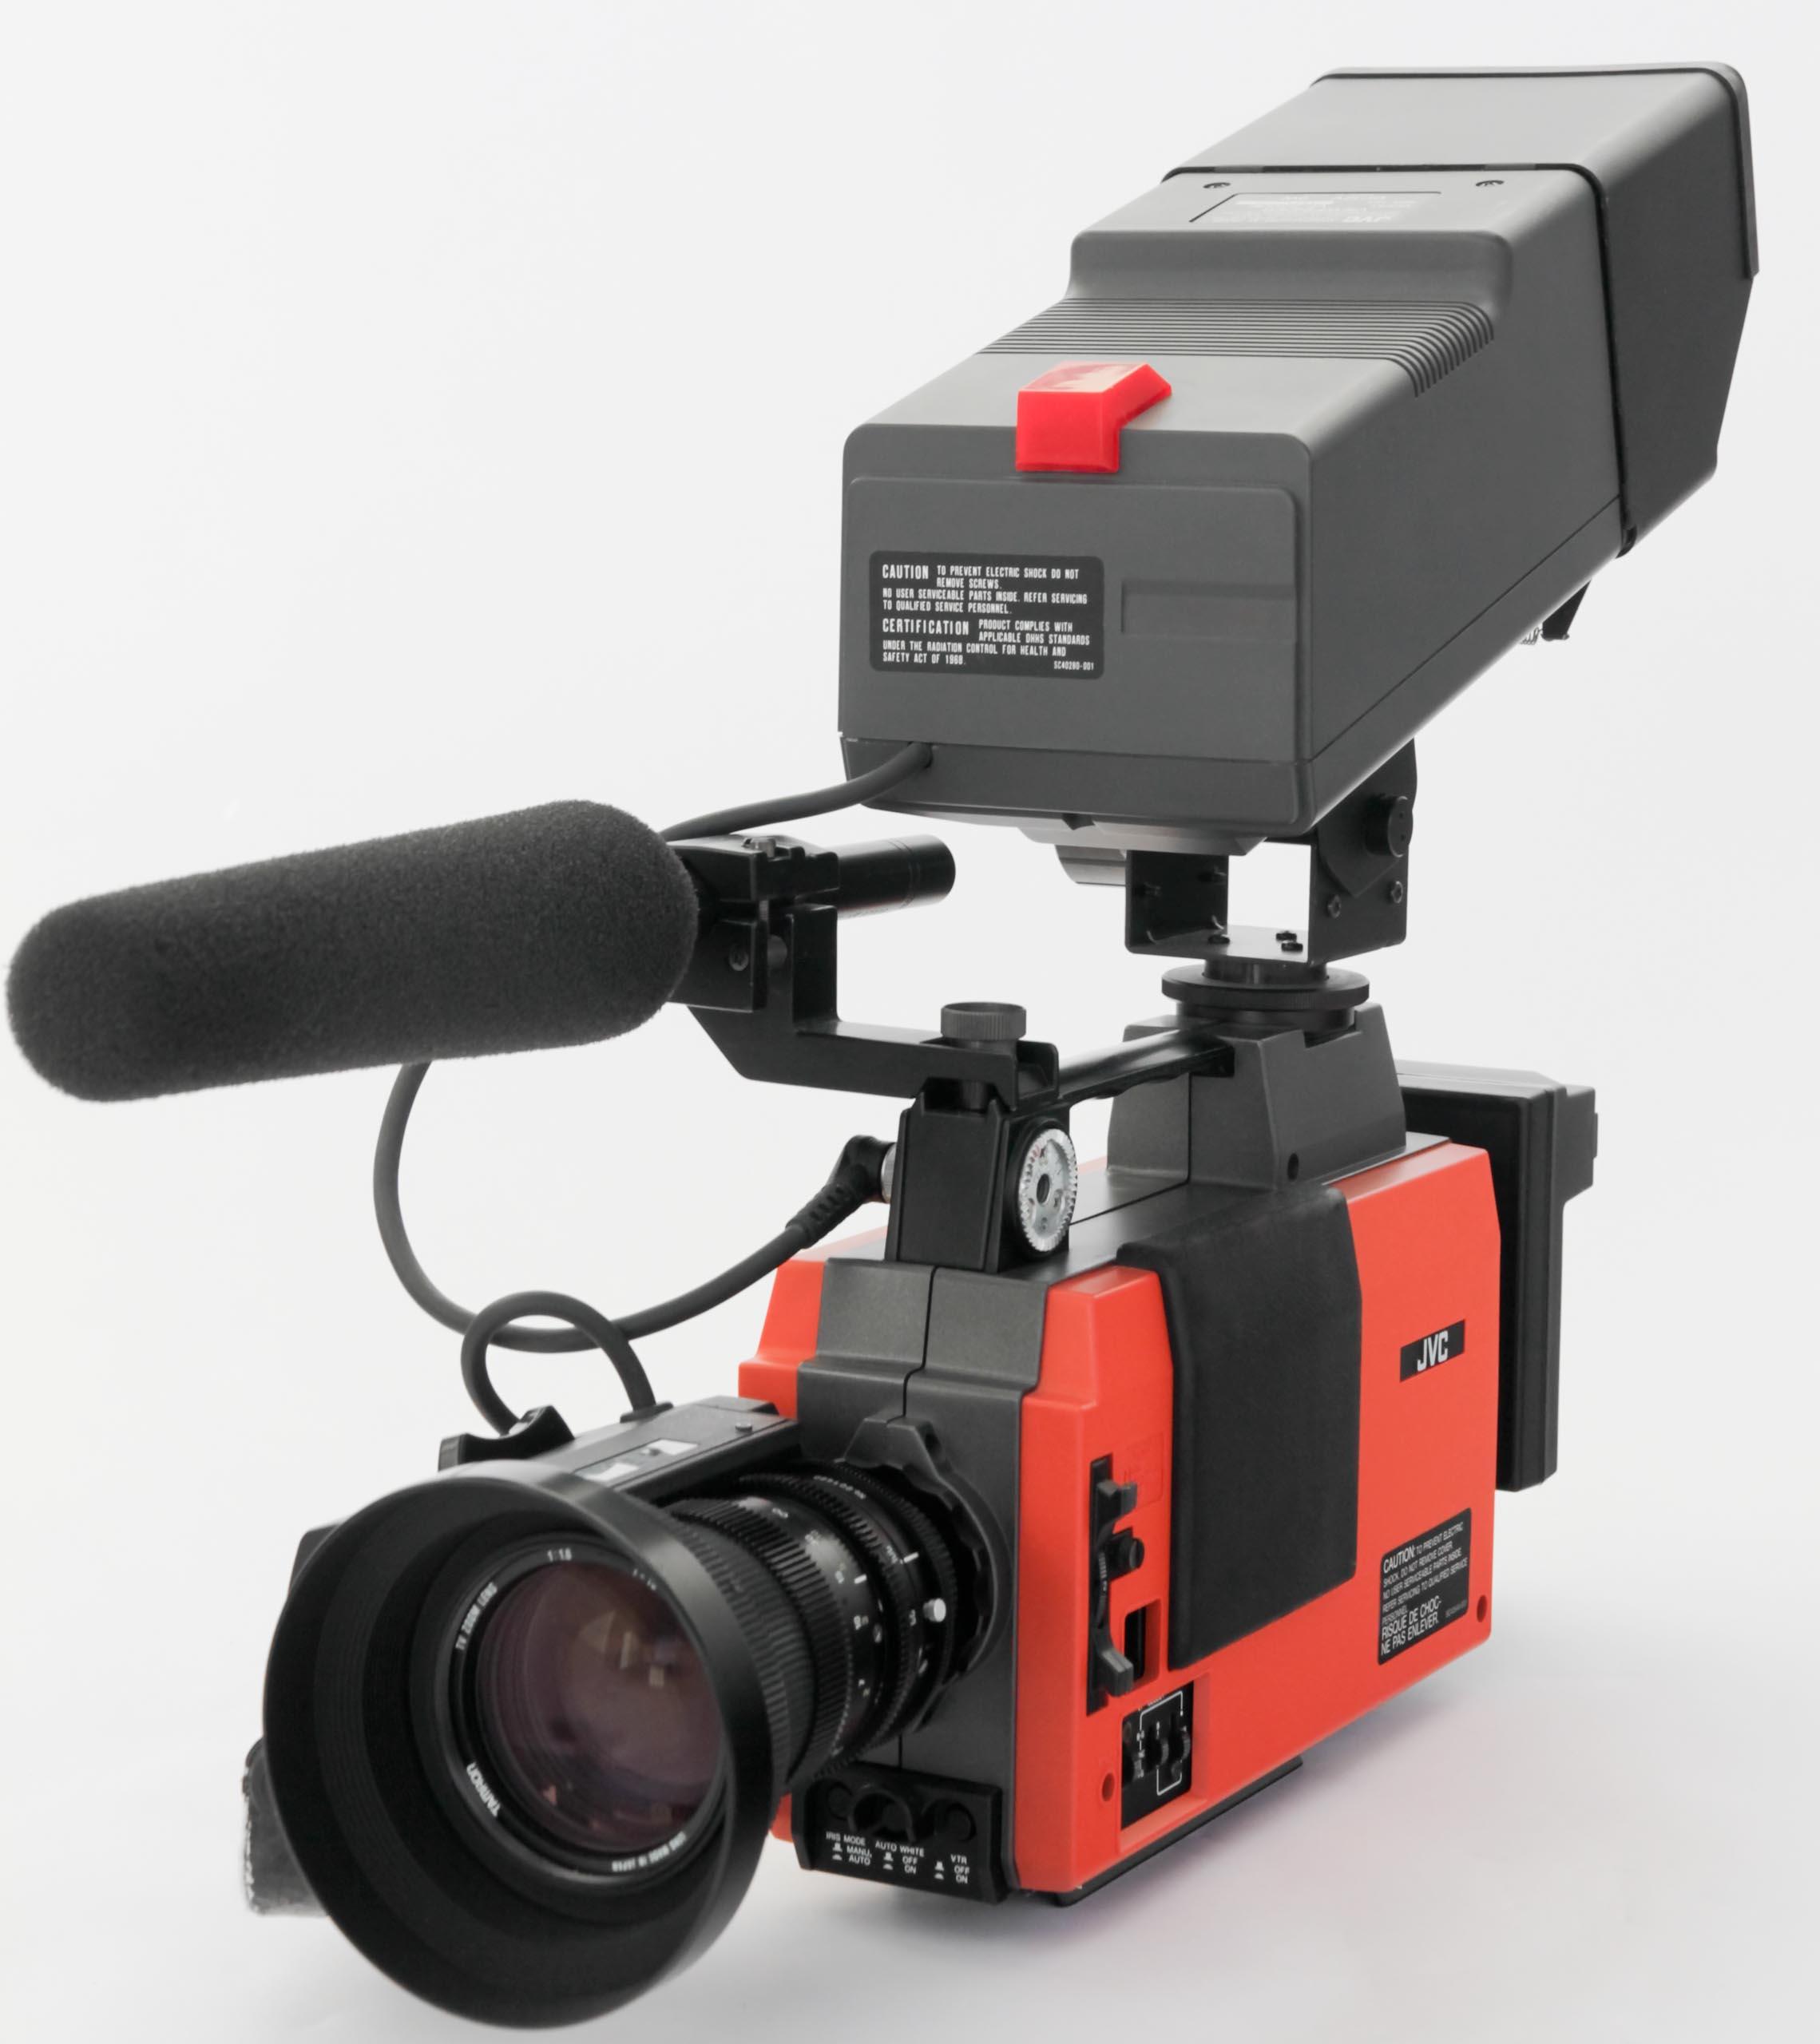 JVC KY-1900E